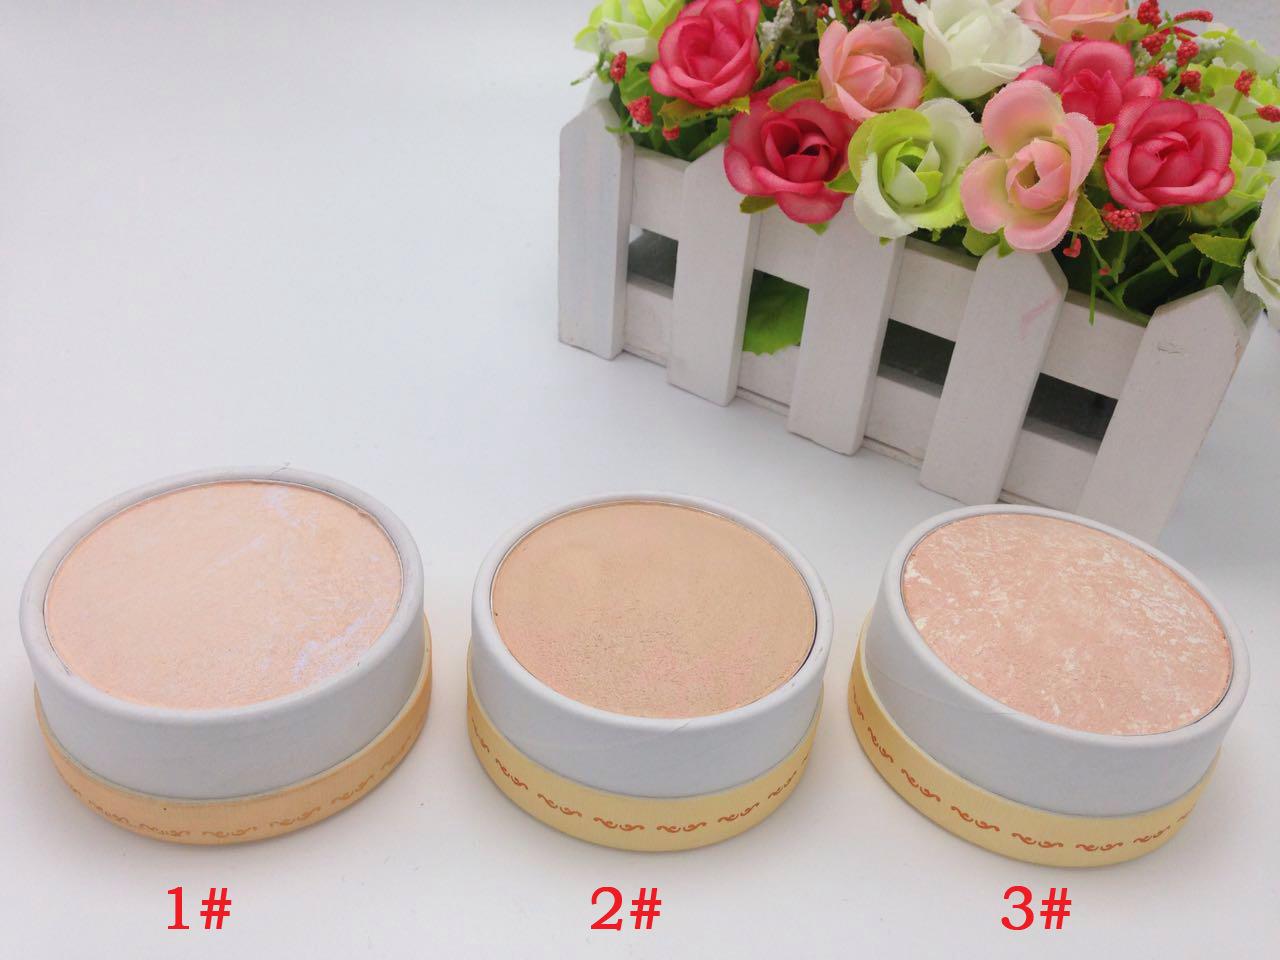 韩国水蜜桃粉饼定妆修容高光提亮粉饼遮瑕控油防水干粉不脱妆包邮